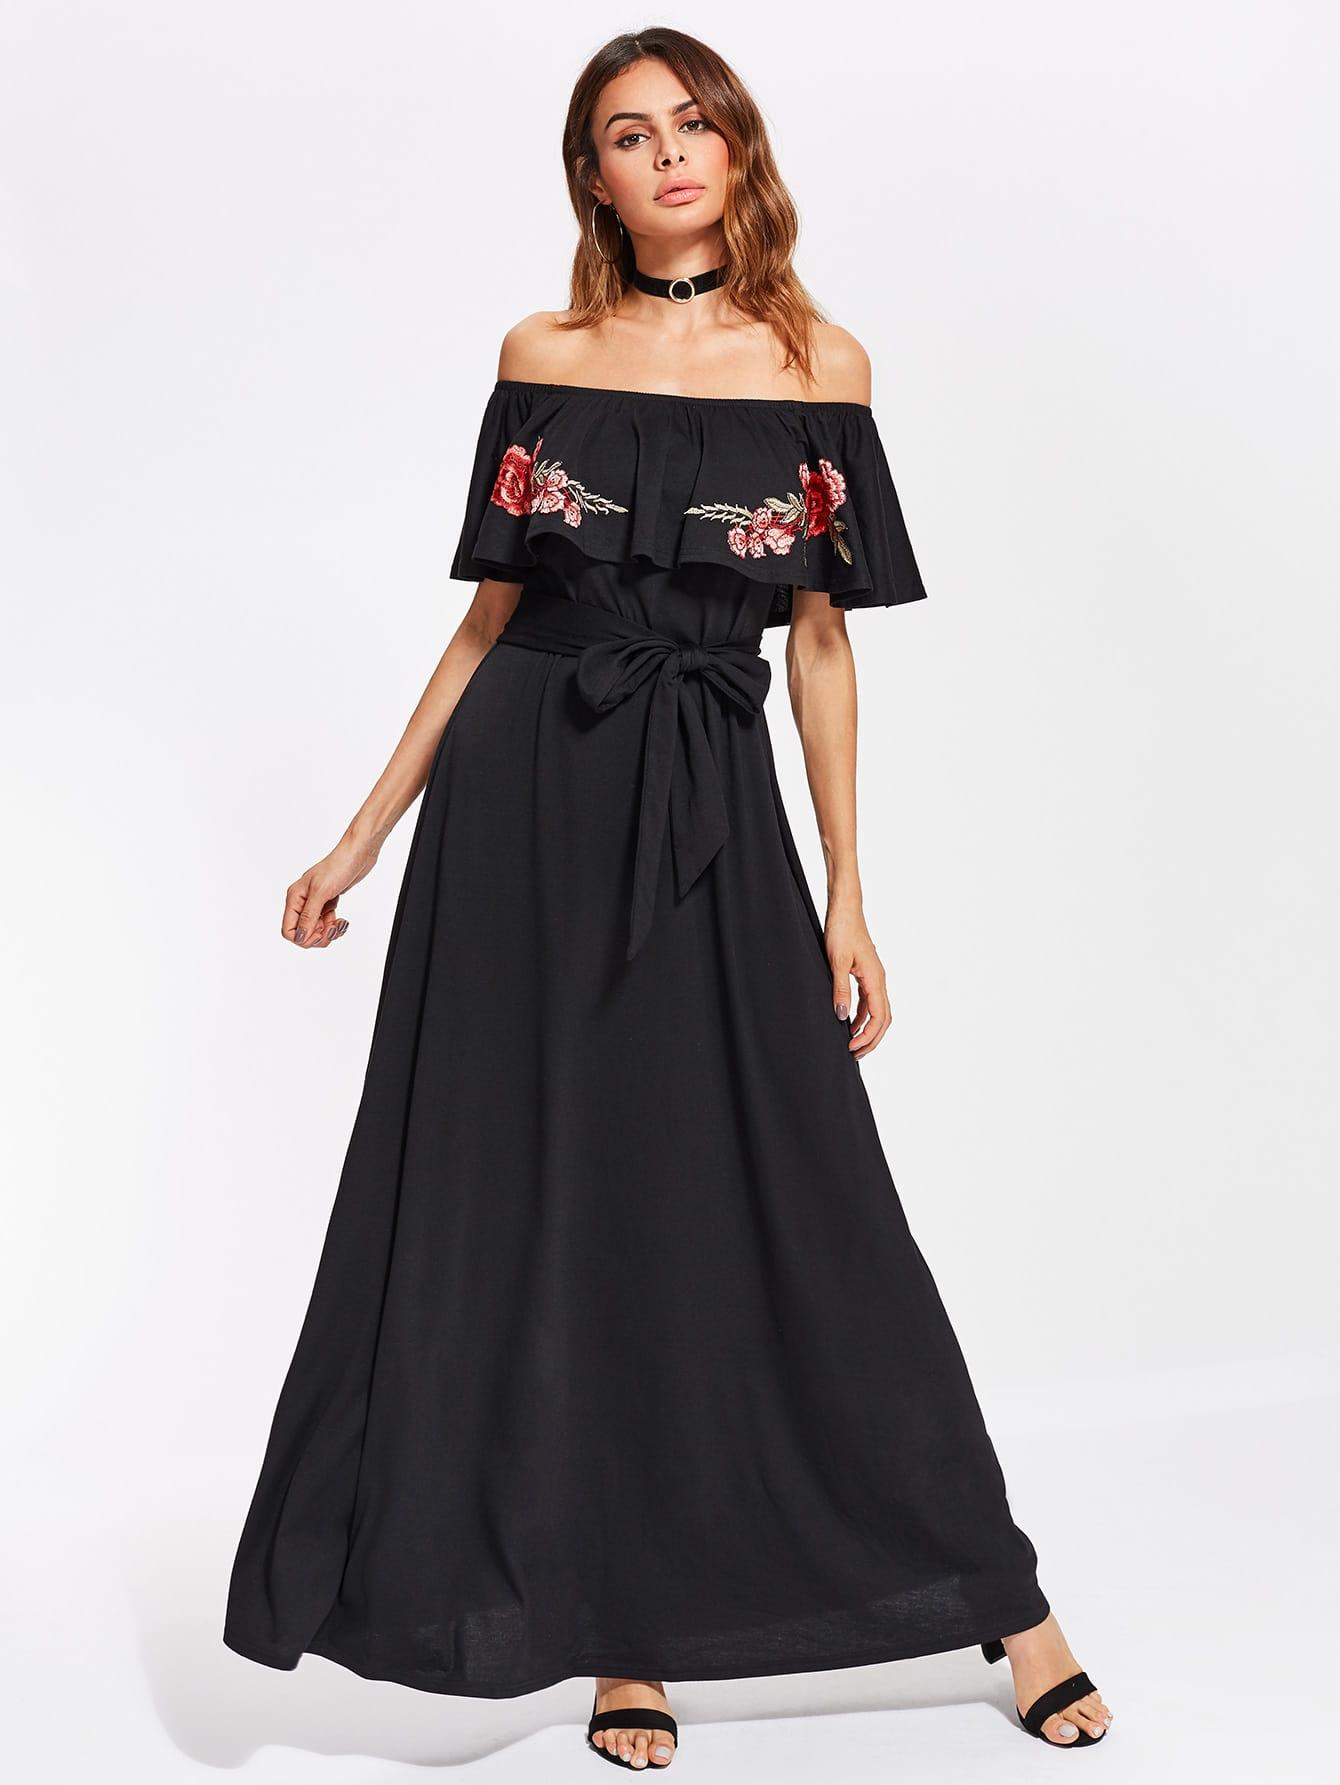 Фото Embroidered Flower Patch Self Tie Frill Bardot Dress. Купить с доставкой